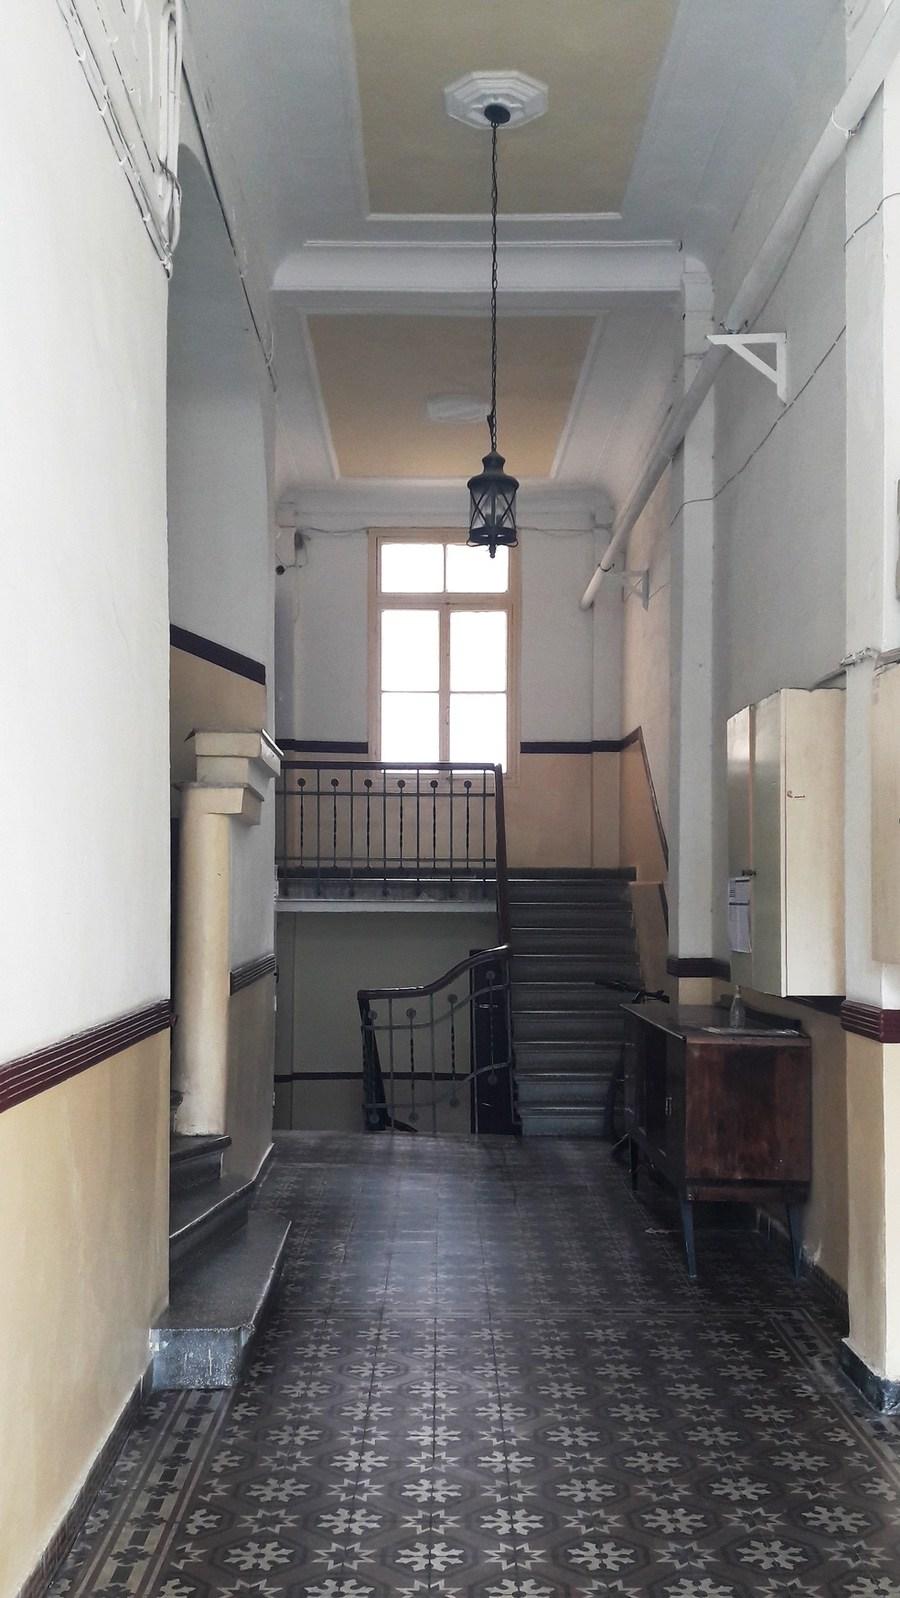 Οι μαγικές είσοδοι των κτιρίων του Μεσοπολέμου στο κέντρο της Θεσσαλονίκης